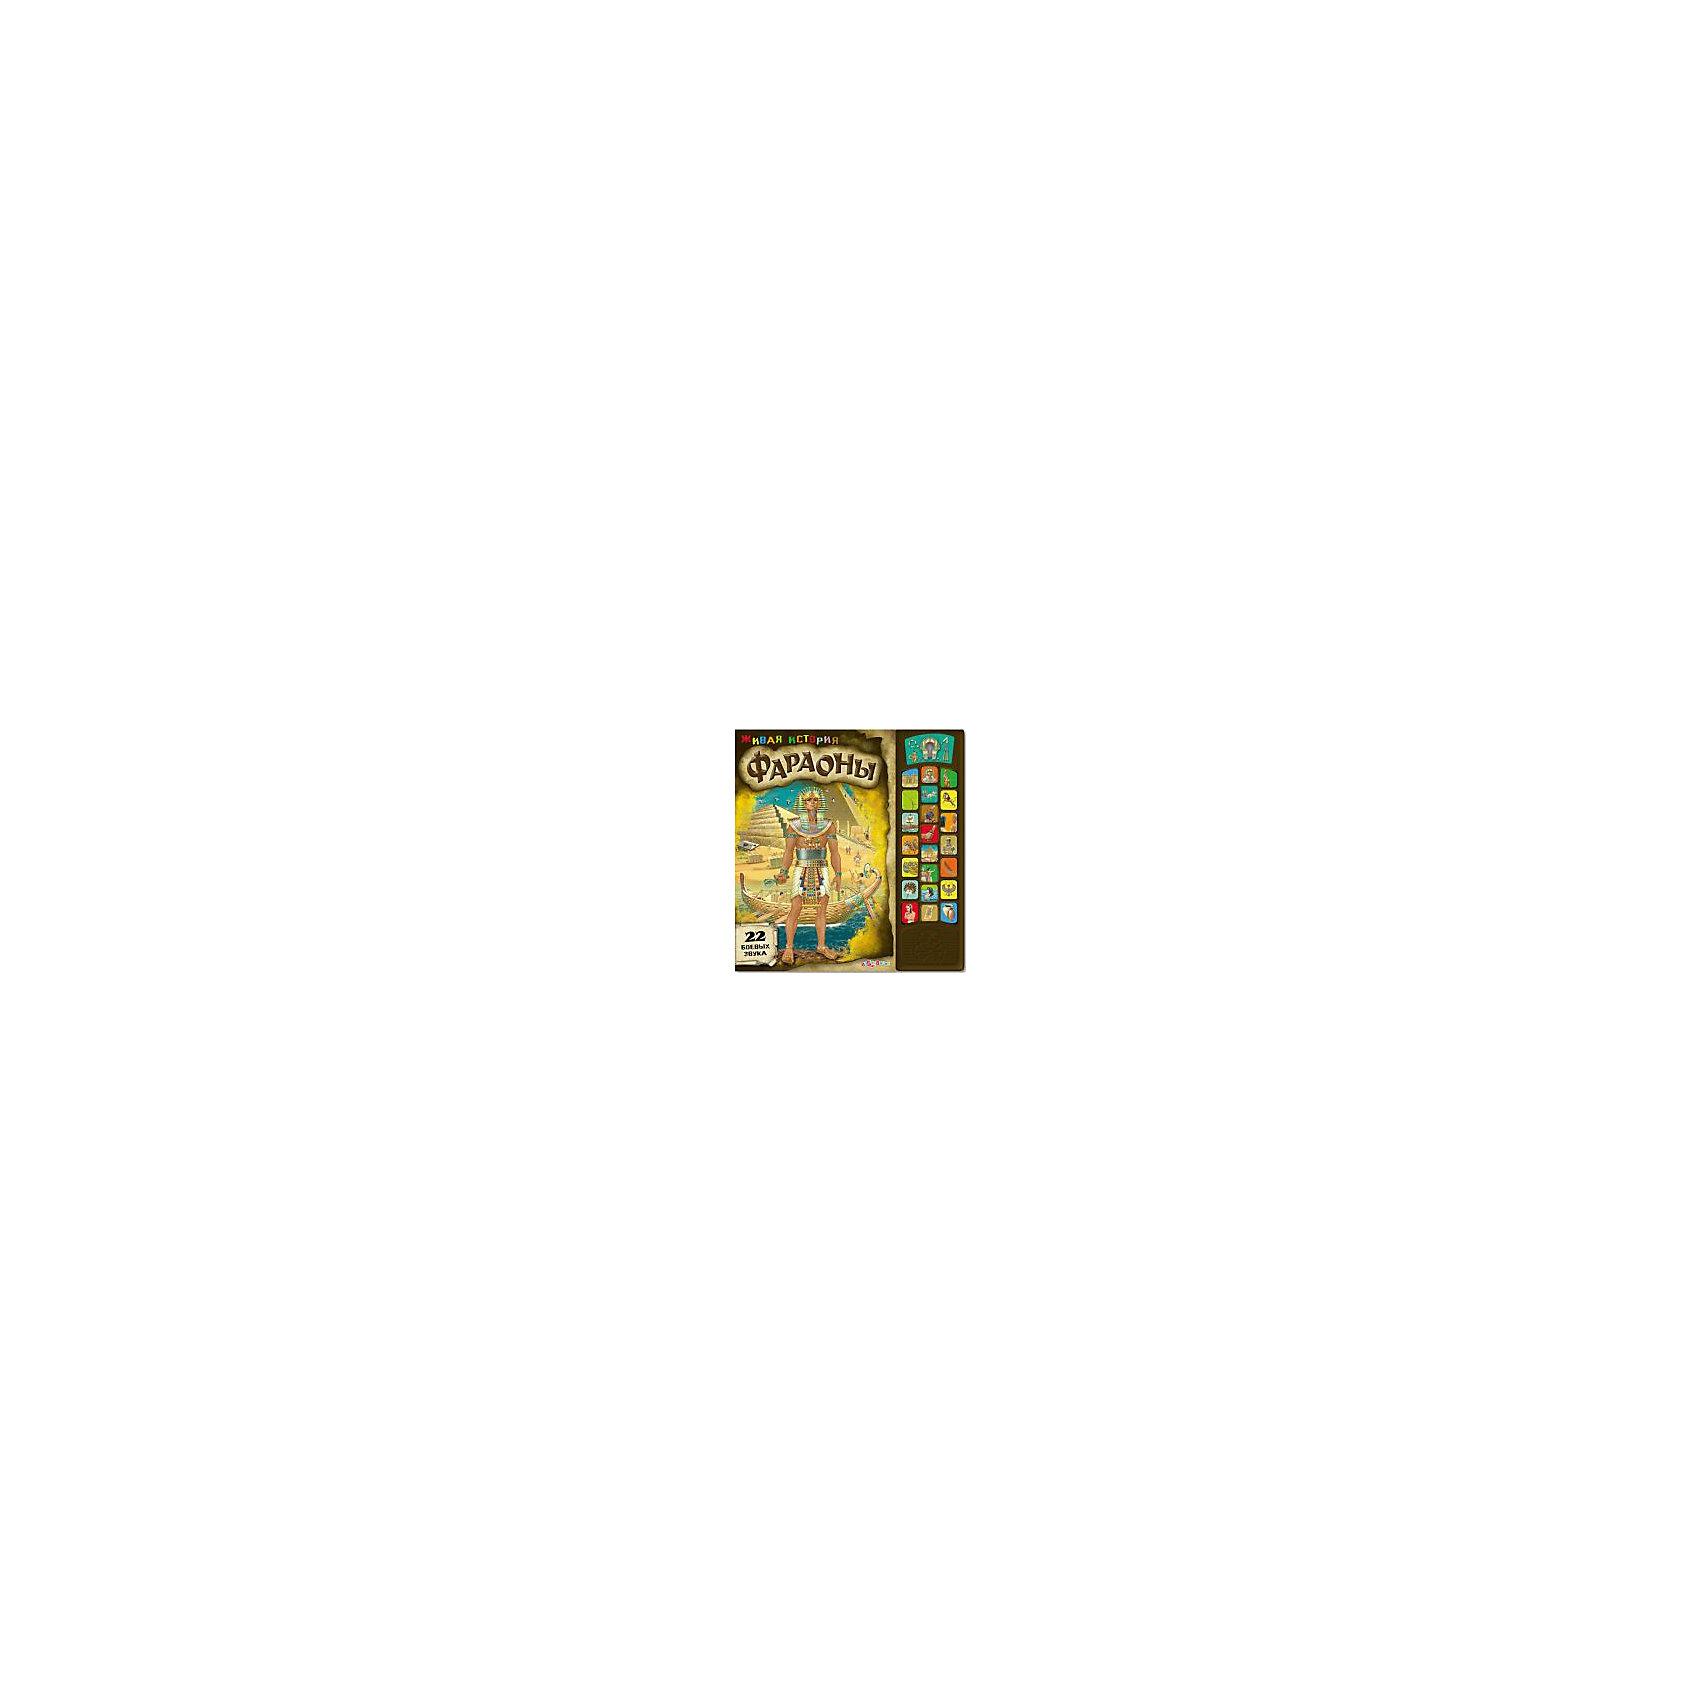 Книга Фараоны Живая историяКнига Фараоны Живая история – эта красочная книга со звуковым модулем познакомит ребёнка с самыми интересными страницами истории.<br>Книга Фараоны серии Живая история со звуковым модулем в увлекательной форме познакомит ребенка с египтянами и их удивительными правителями. Многочисленные красочные иллюстрации сопровождают текст. Из книги можно узнать, какие драгоценности приносили в дар фараонам, о процессе мумифицирования. Ваш ребенок прочитает легенду о Сфинксе, о достижениях египтян в астрономии, гончарном деле, об изобретении письменности, о религии и много других интересных фактов. Повествование дополнено 22 разными звуками: музыка, которая сопровождала торжественный выход фараона из дворца, удары плетью, рычание льва и другими. Значок в тексте подскажет ребенку, на какую кнопку на звуковом модуле нажать.Такое звуковое сопровождение текста делает чтение еще более увлекательным и интересным.<br><br>Дополнительная информация:<br><br>- Автор-составитель: С. Слепица<br>- Художник: П. Орловский<br>- Издательство: Азбукварик Групп<br>- Серия: Живая история<br>- Тип обложки: картон<br>- Оформление: со звуковым модулем<br>- Количество страниц: 14 (картон)<br>- Иллюстрации: цветные<br>- Батарейки: 3 типа AG13/ LR44 (в комплекте демонстрационные)<br>- Размер: 240х20х230 мм.<br>- Вес: 674 гр.<br><br>Книгу Фараоны Живая история можно купить в нашем интернет-магазине.<br><br>Ширина мм: 240<br>Глубина мм: 20<br>Высота мм: 230<br>Вес г: 674<br>Возраст от месяцев: 36<br>Возраст до месяцев: 72<br>Пол: Унисекс<br>Возраст: Детский<br>SKU: 4663831